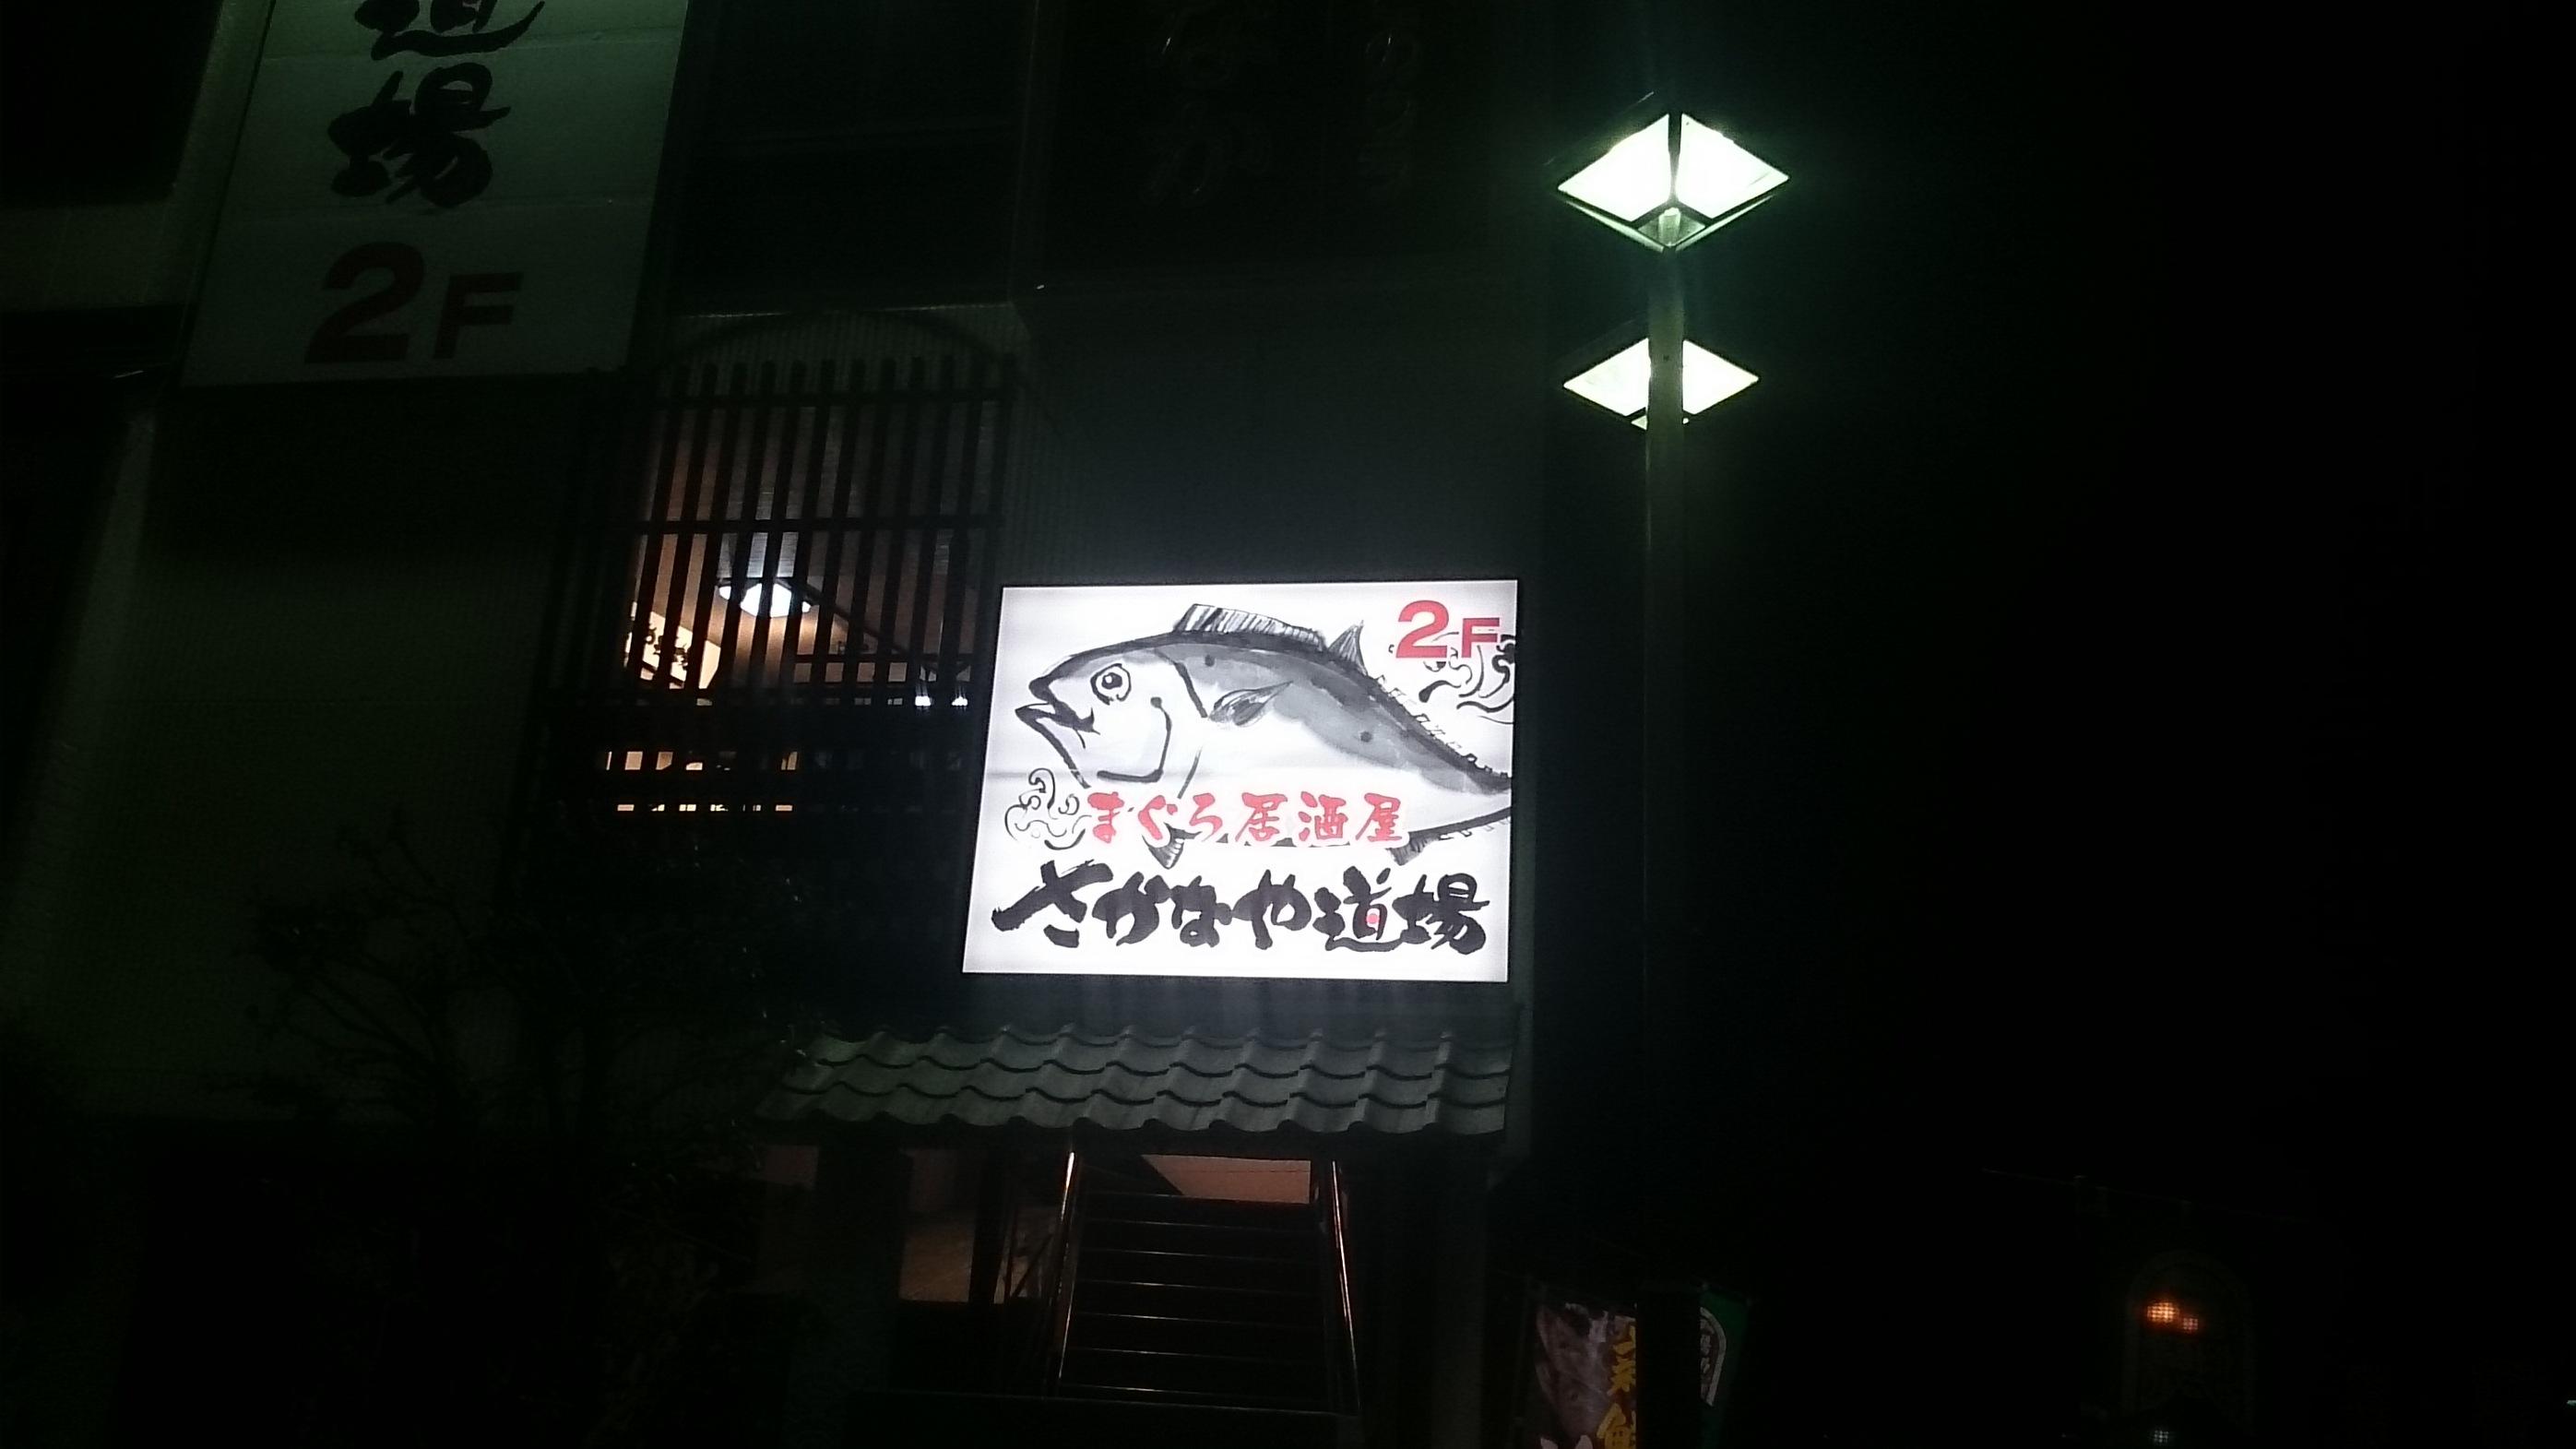 さかなや道場 新富士店